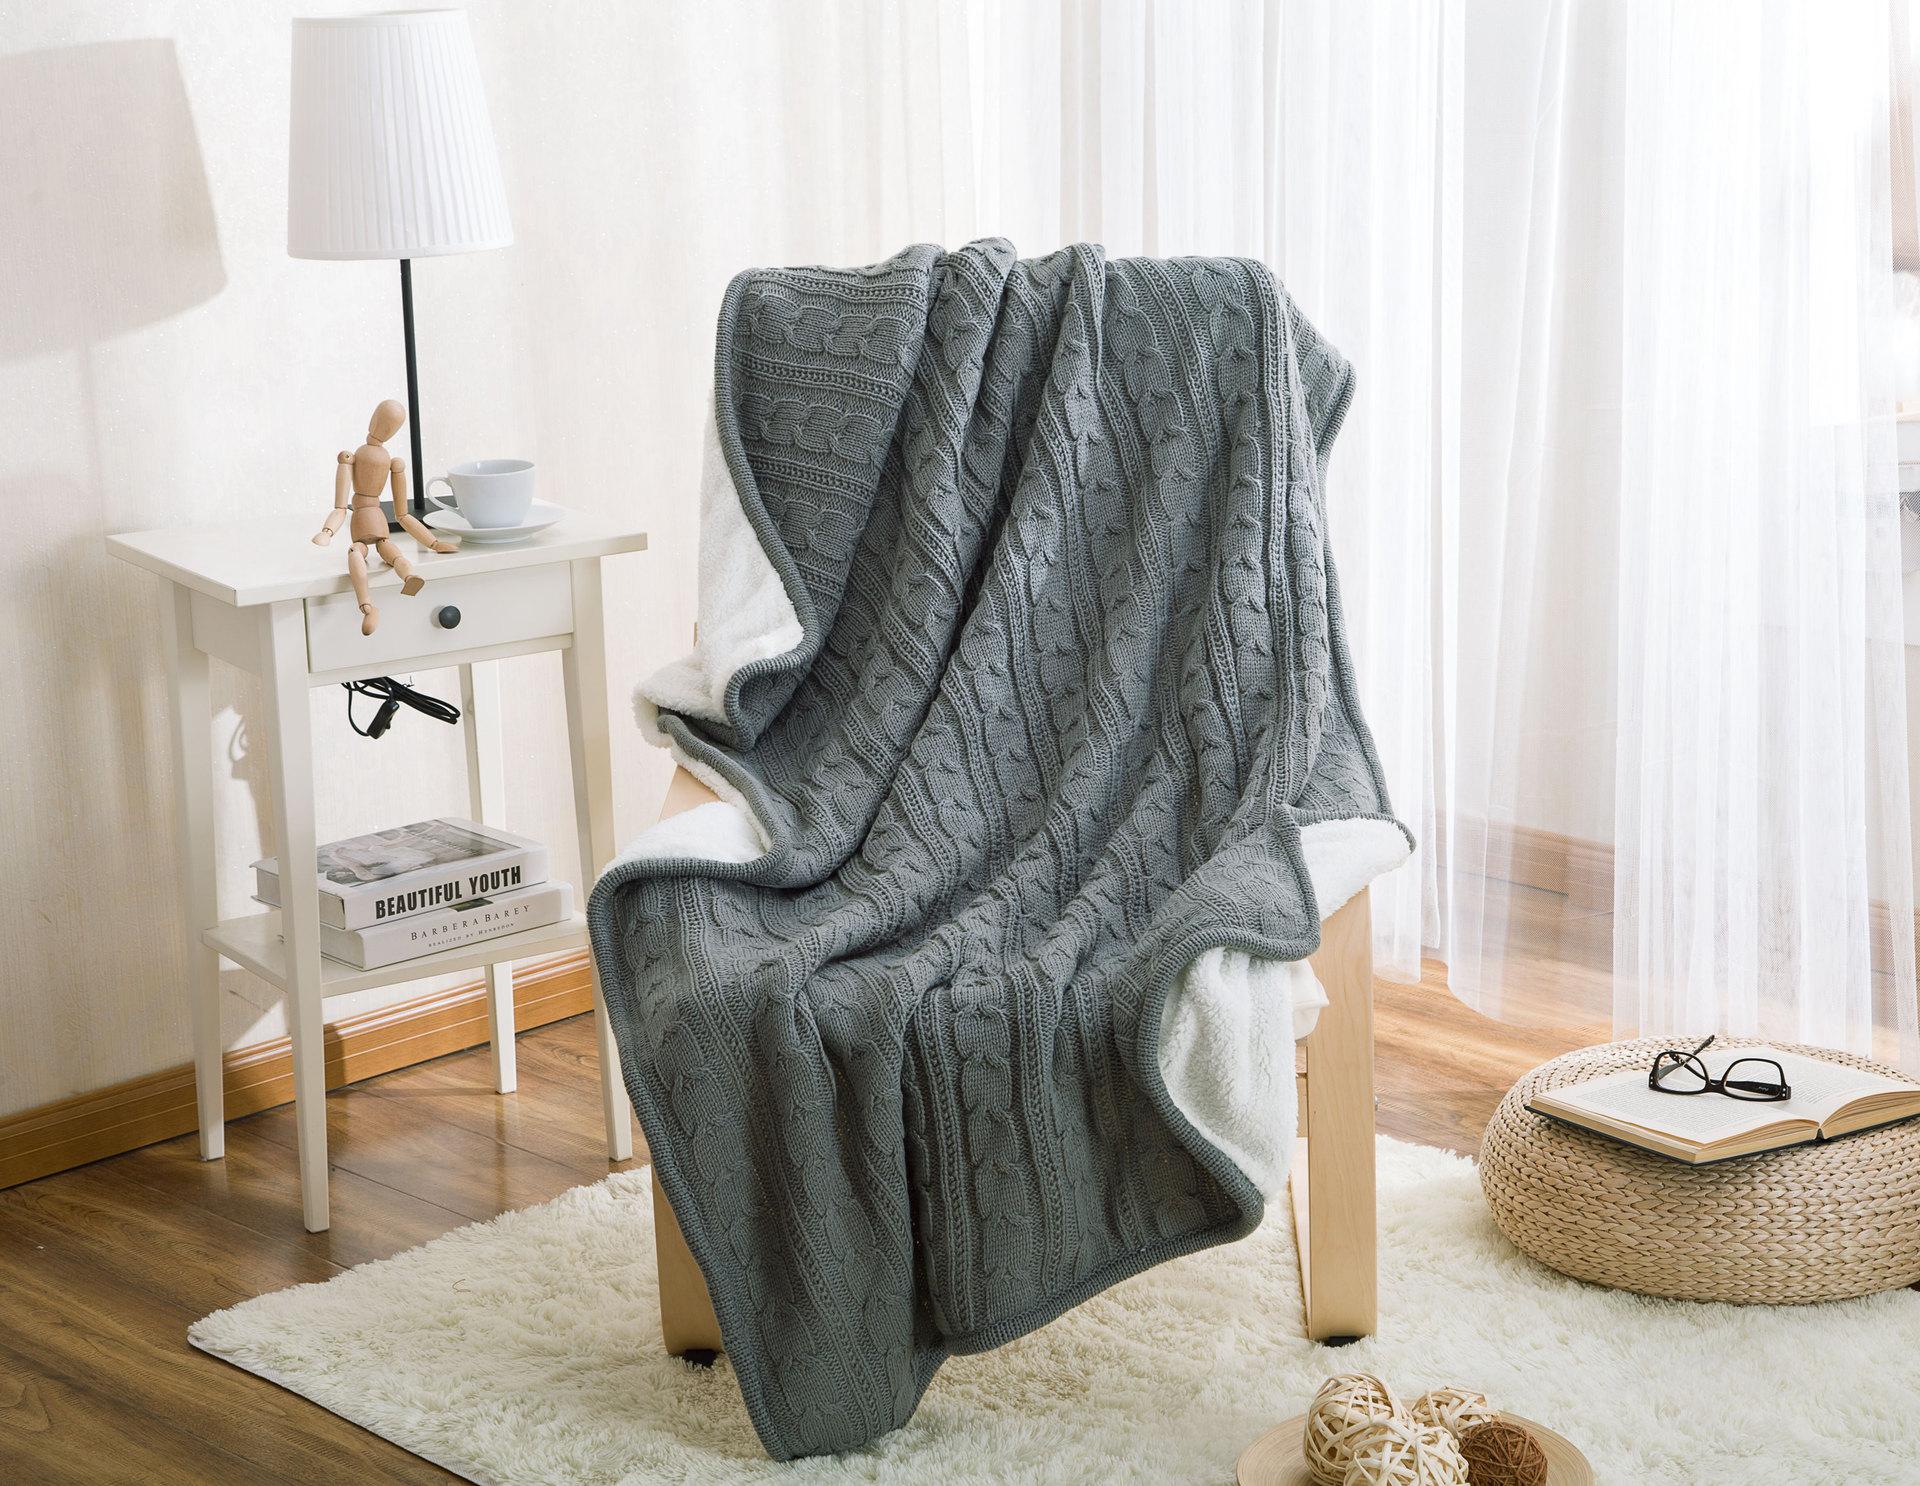 2017 Горячая 100% хлопок высокого качества овечье вельветовое Одеяла зимой тепло вязаный шерстяной Одеяло диван/покрывало одеяло вязаное изделие одеяло